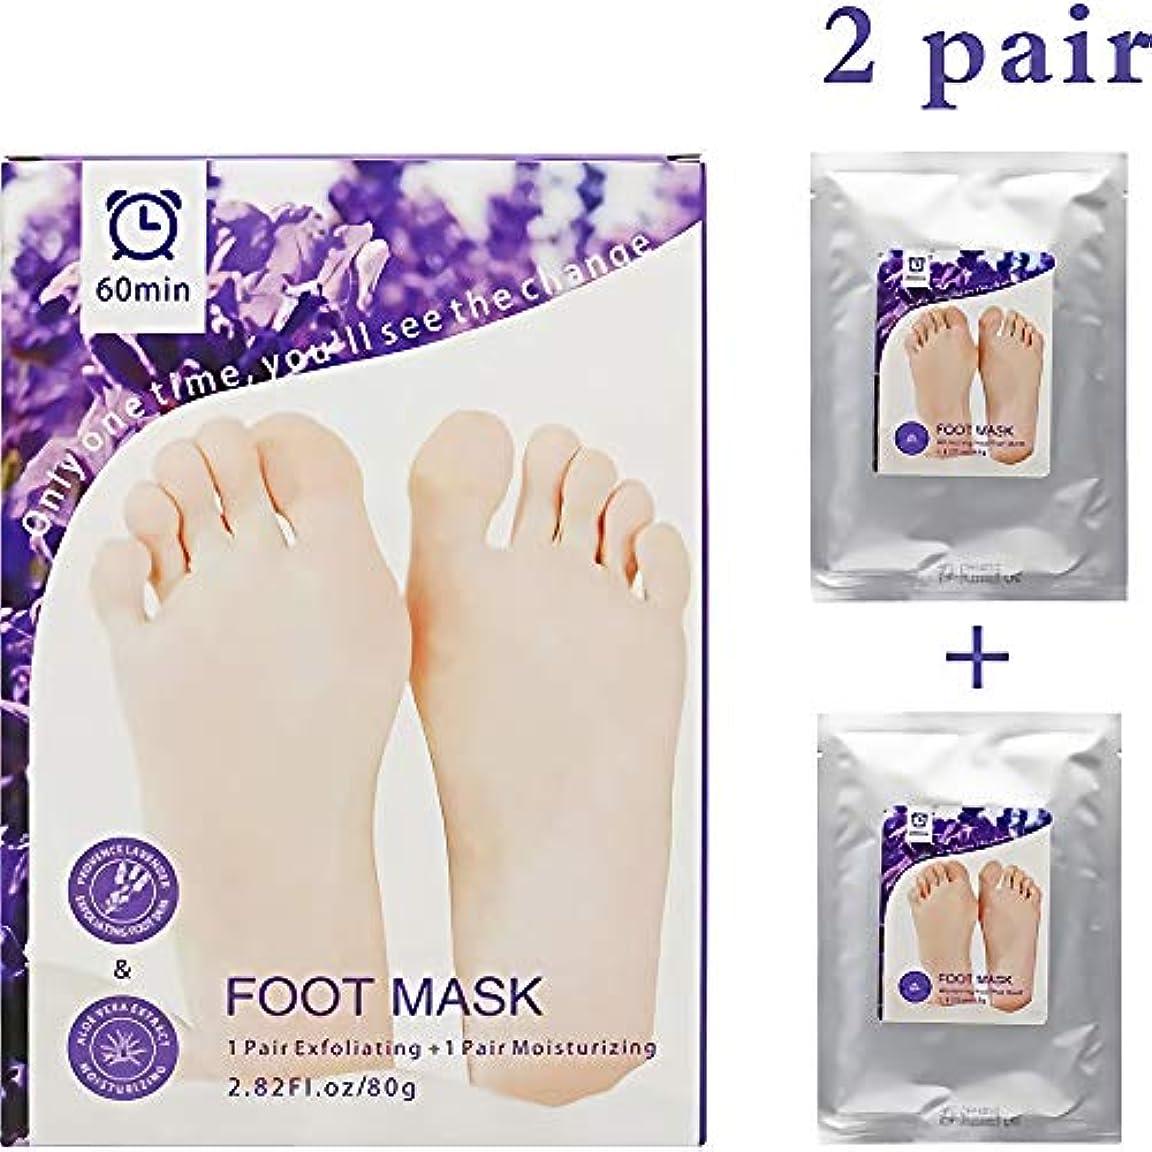 パネルベルベット平和な男性と女性のための適切なフットピーリングマスク2ペア、エクスフォリエイティング保湿マスクフット、滑らかに適した古い皮膚を削除する靴底の柔らかさ、